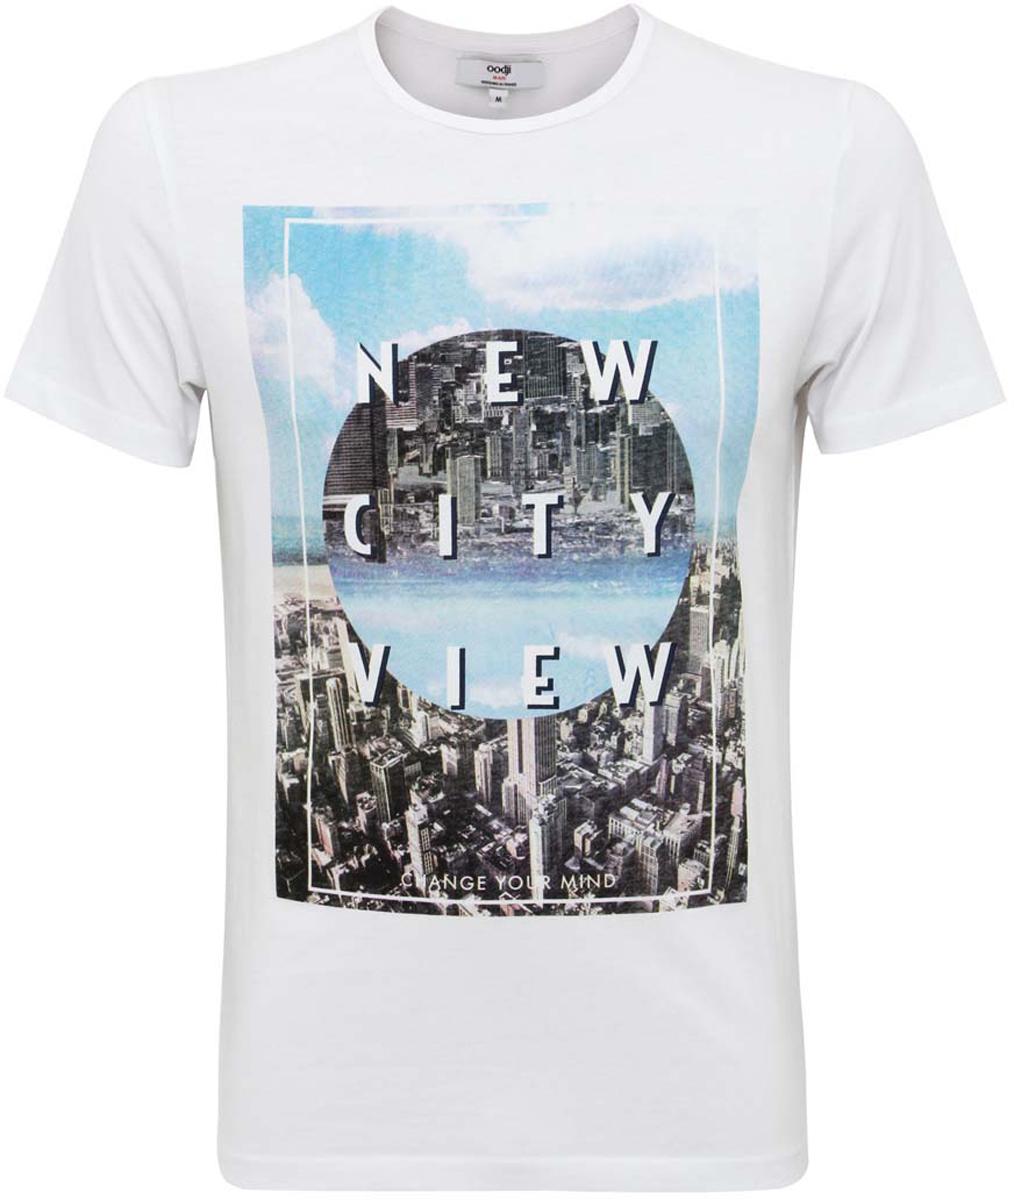 Футболка5L611262M/39485N/1070PМужская футболка oodji изготовлена из натурального высококачественного хлопка. Выполнена с круглым воротом и классическими короткими рукавами. Оформлена абстрактным принтом с изображением города.